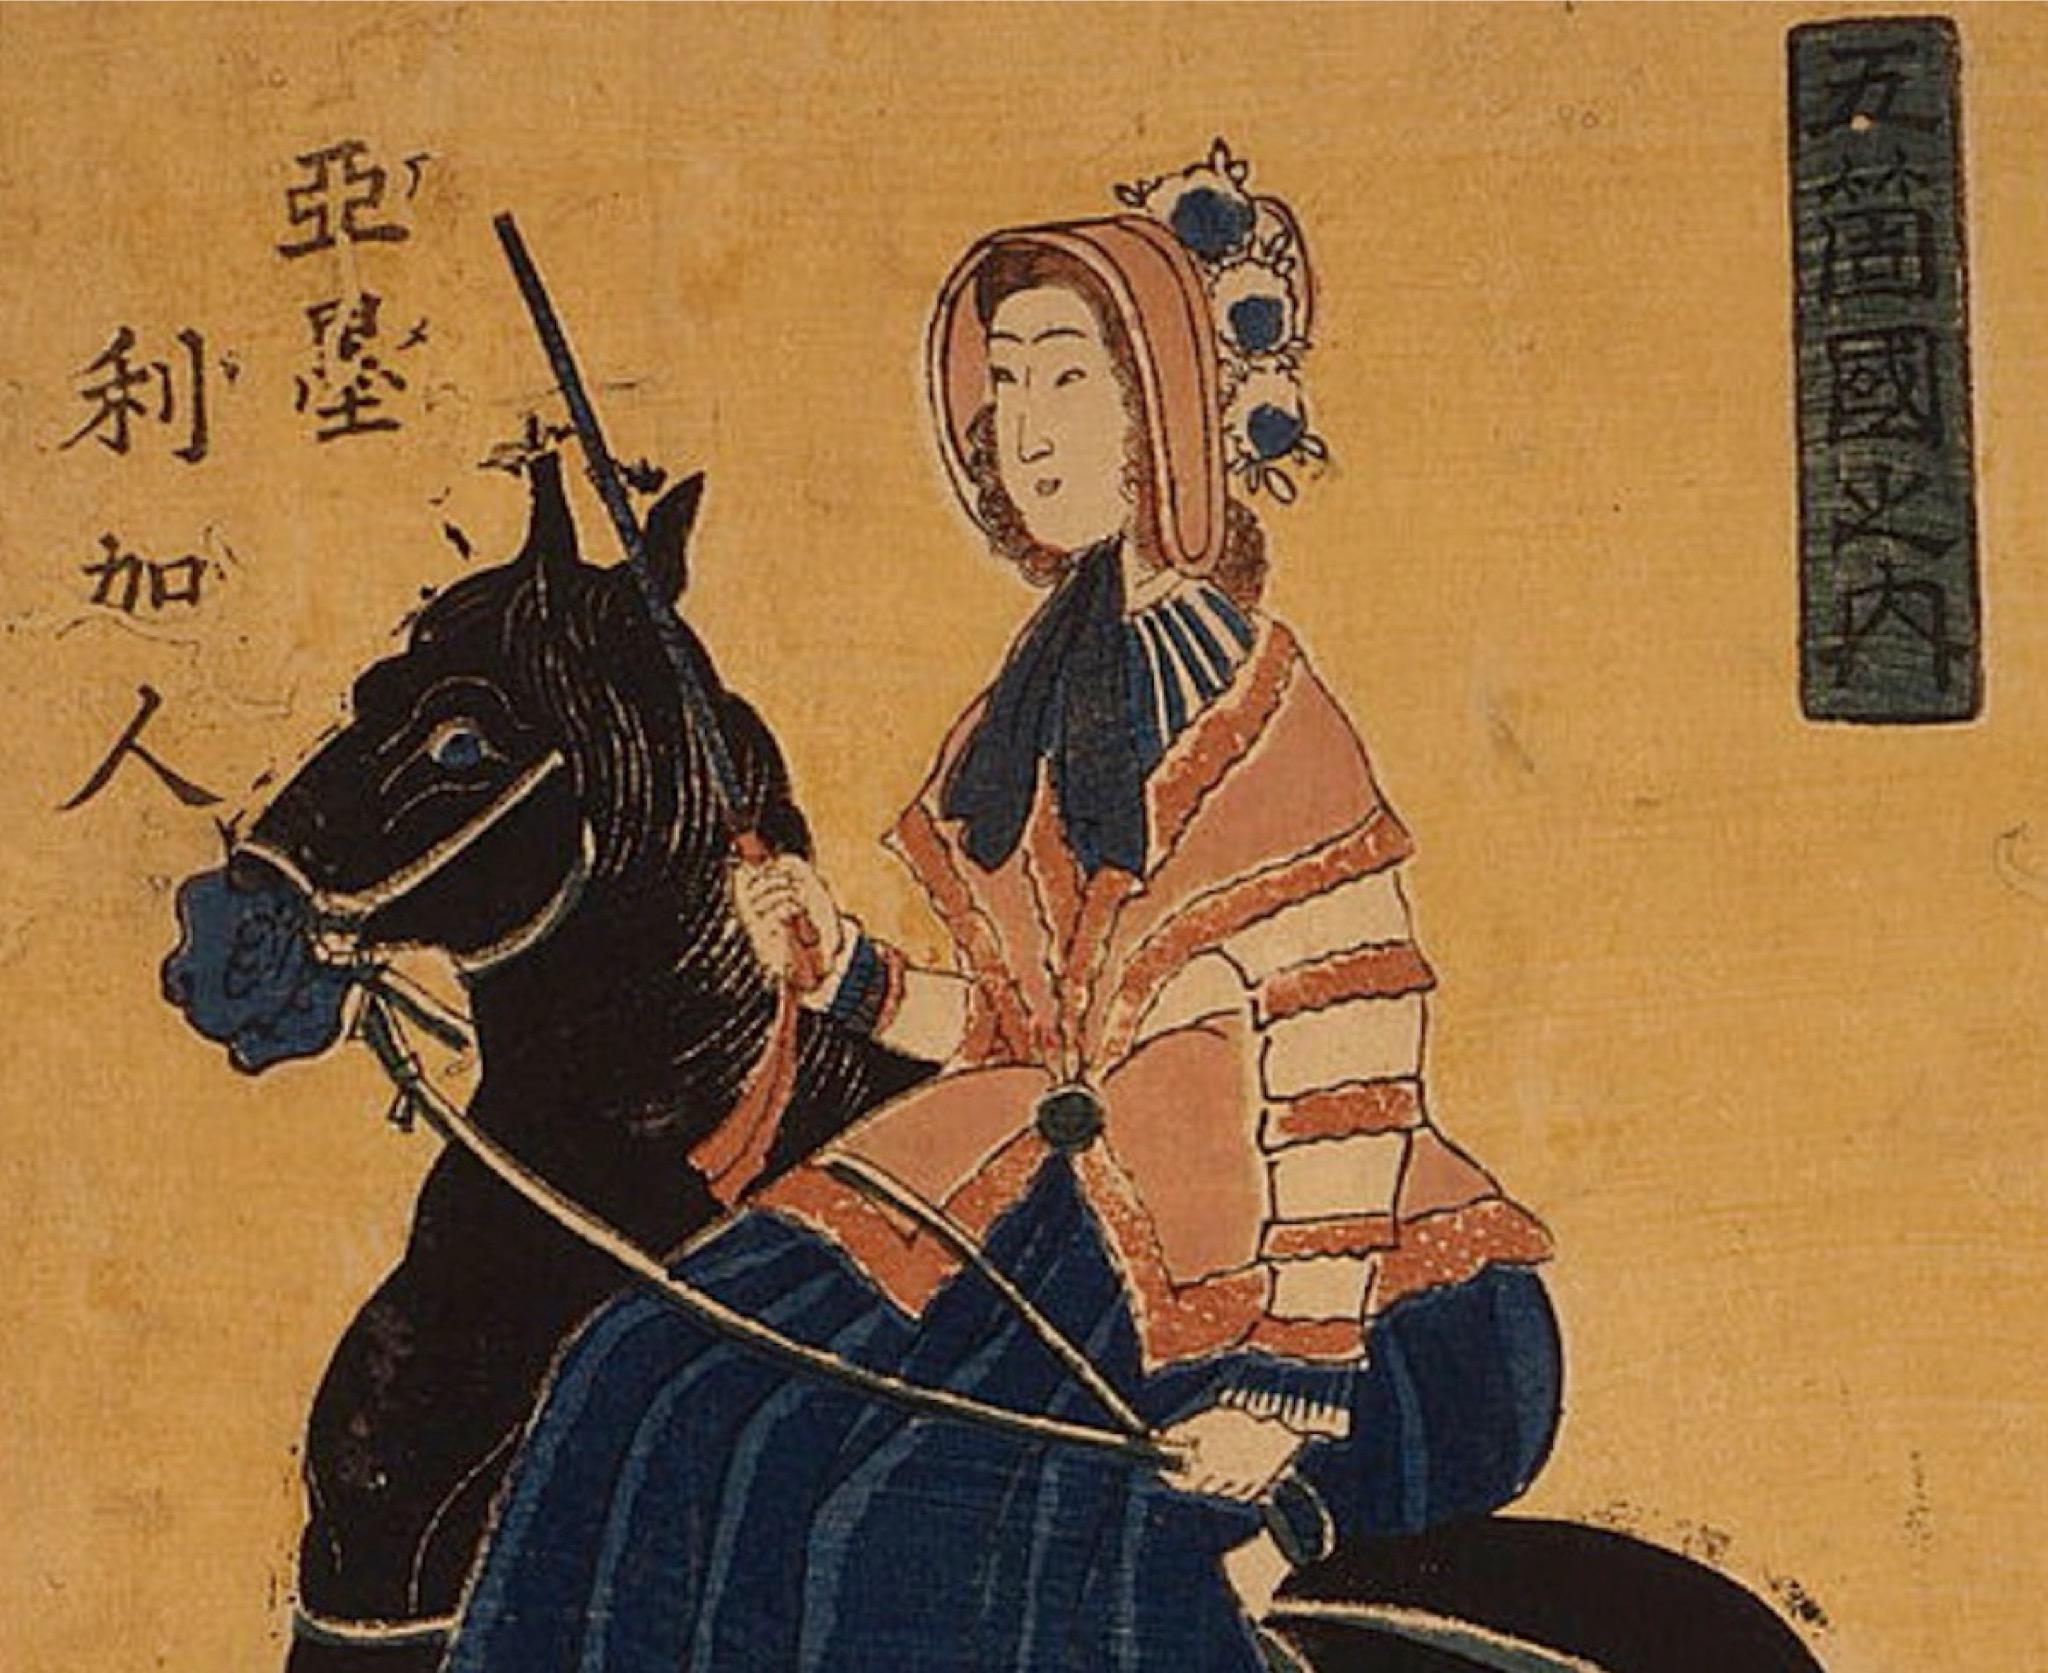 横浜絵・開化絵に描かれる外国人